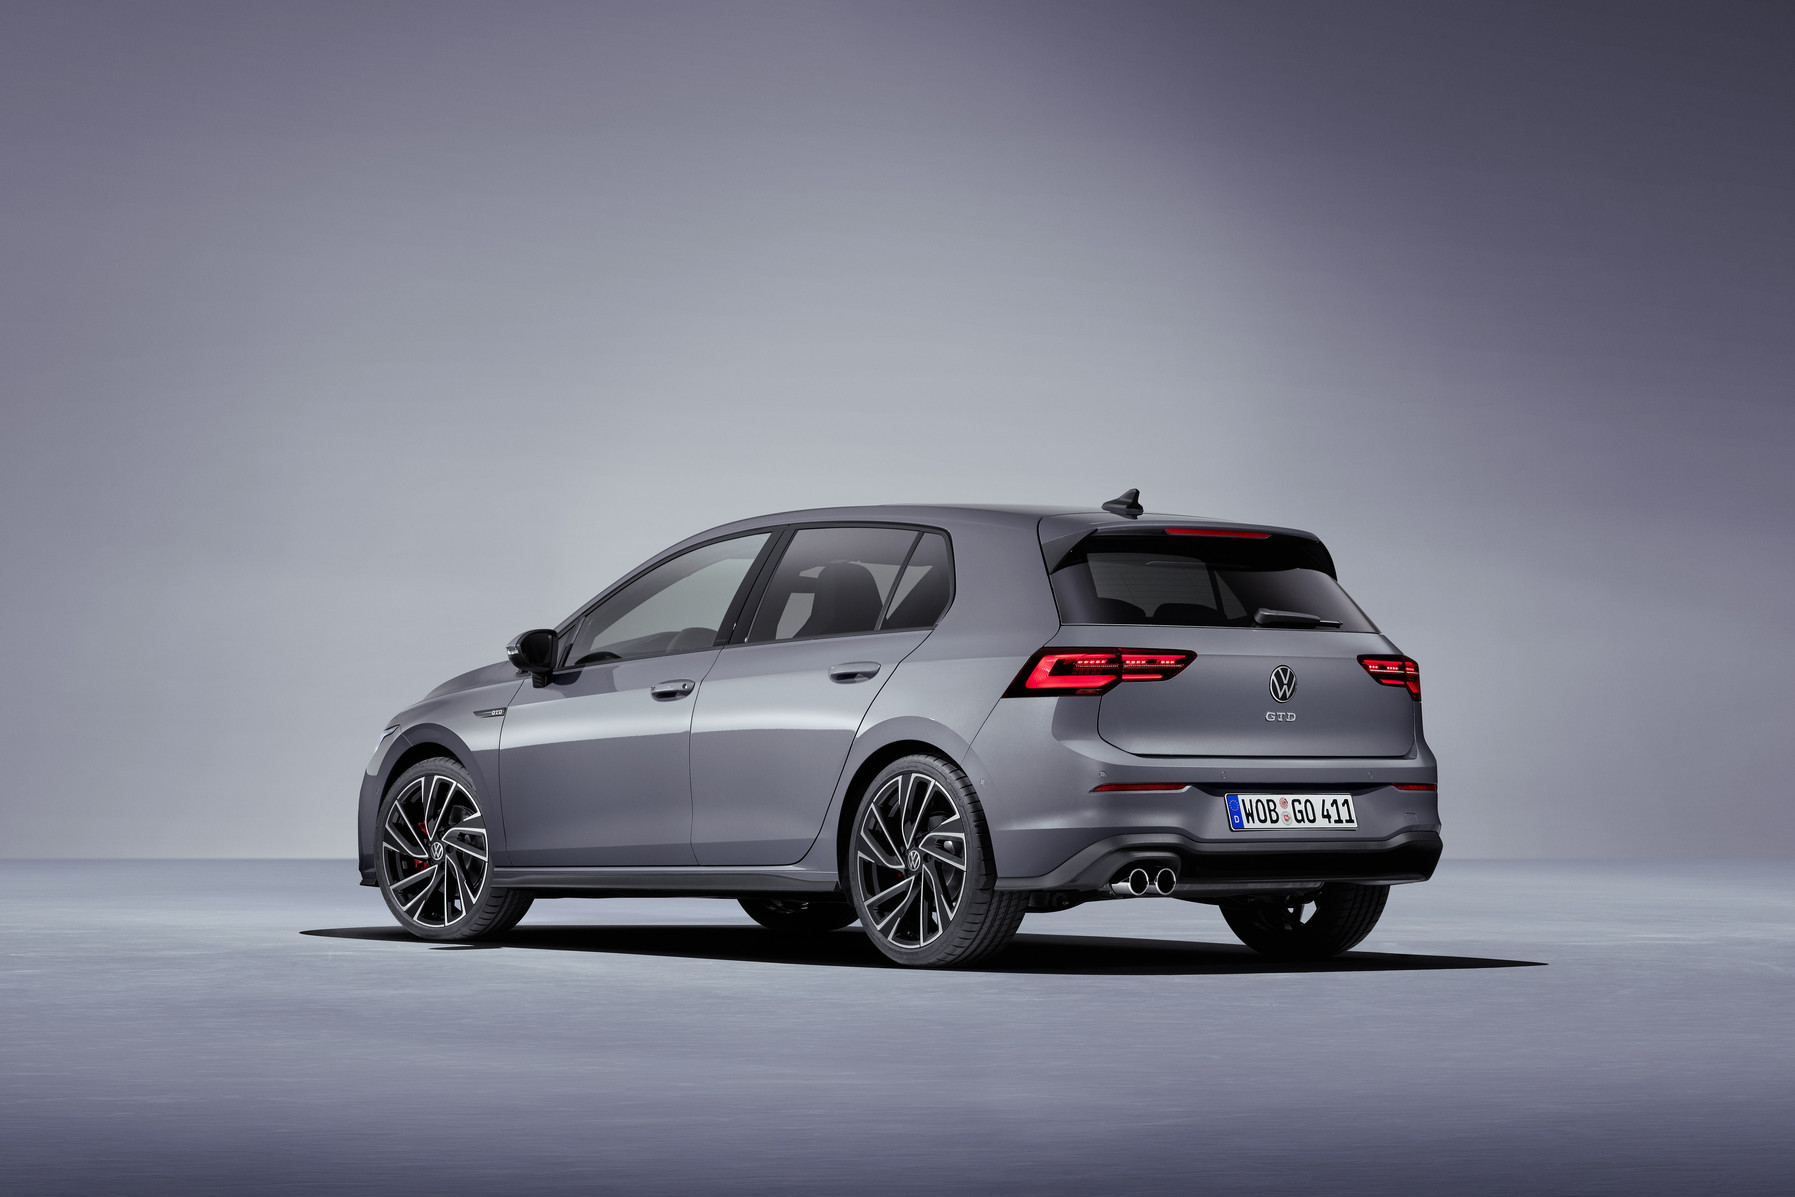 「フォルクスワーゲンが新型Golf GTI、GTE、GTDの3台を発表【新車】」の5枚目の画像